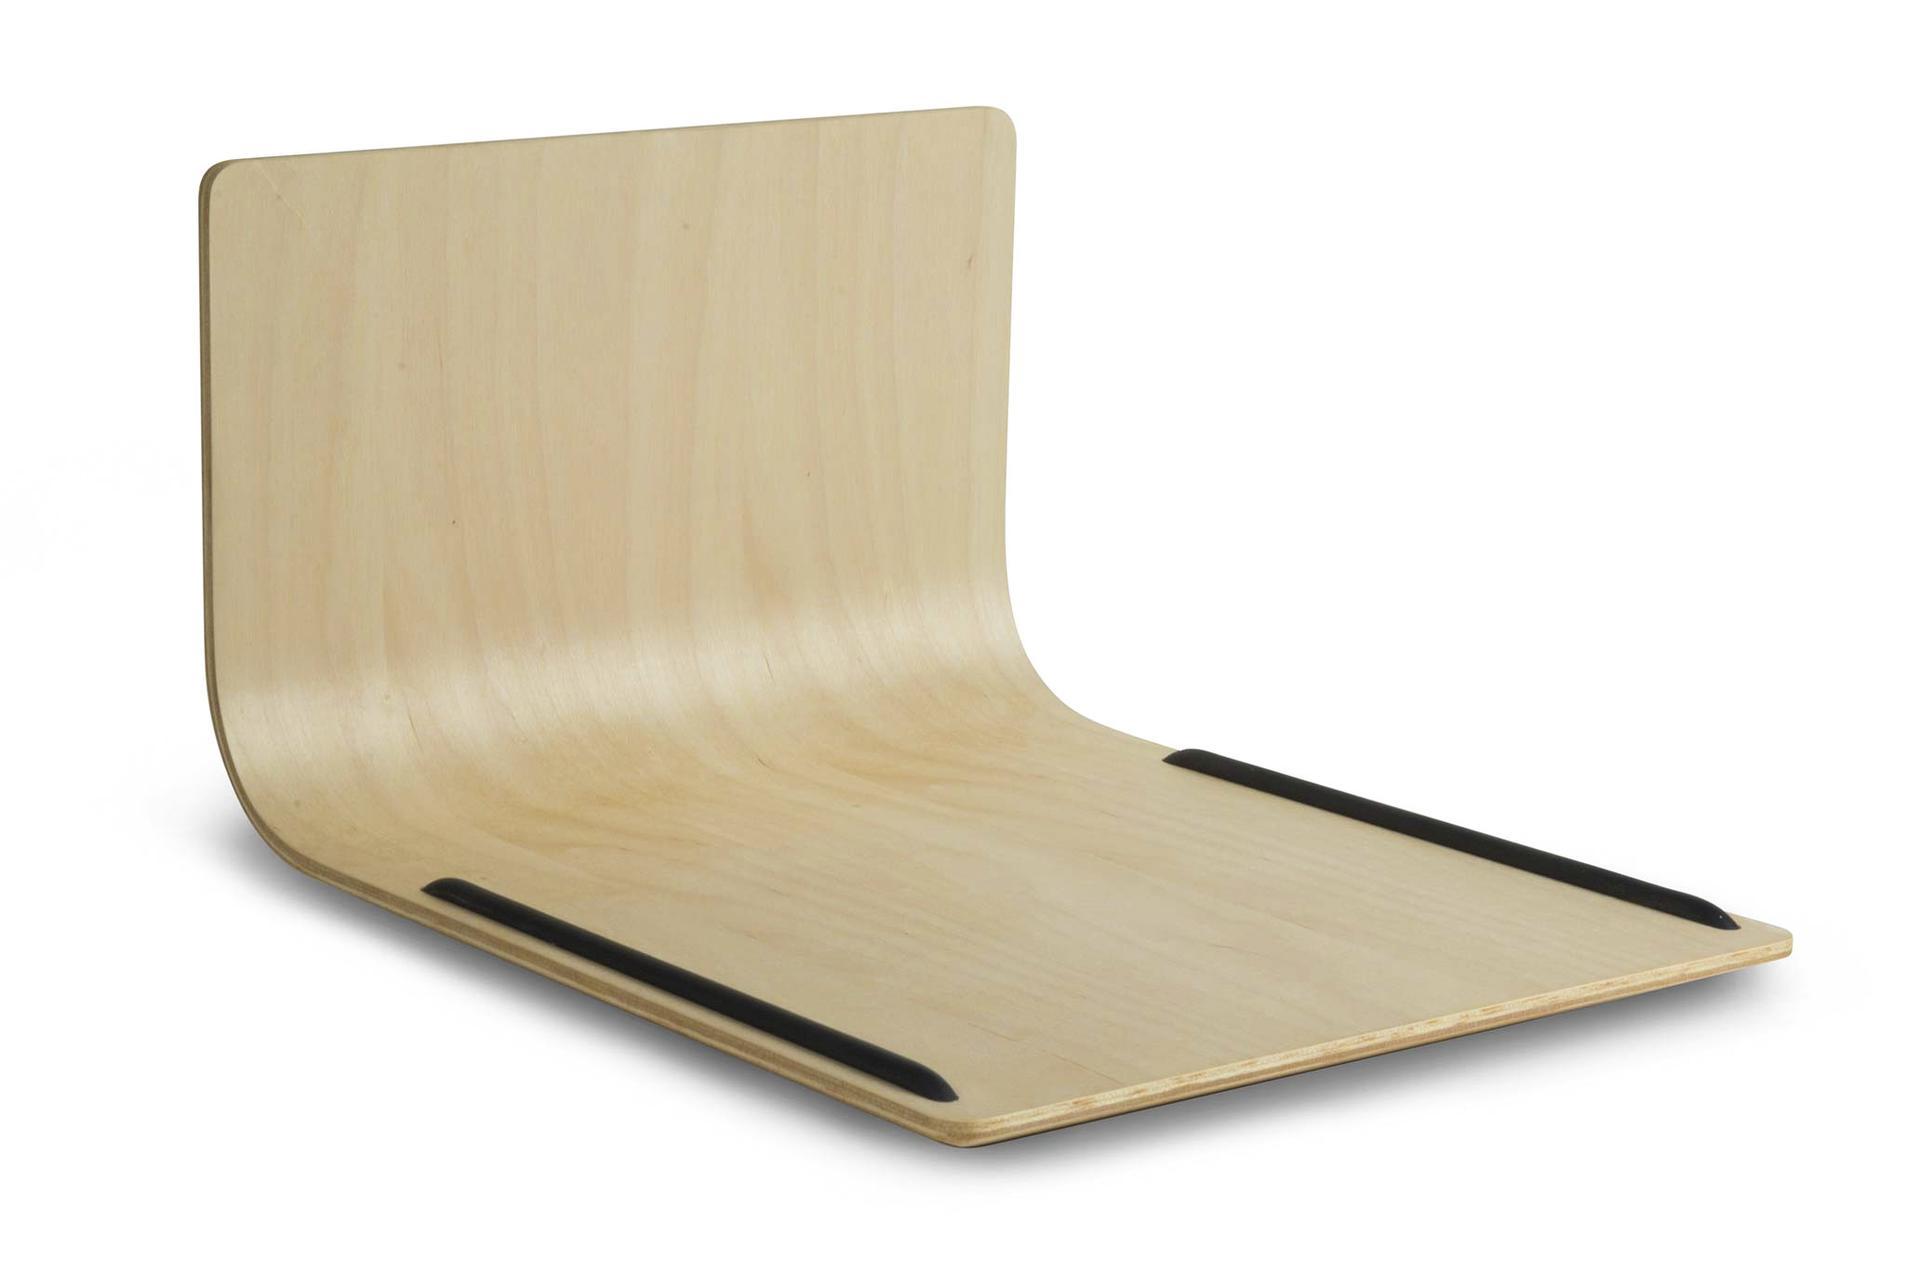 schindelhauer hektor polar silver aufbaubeispiel bei. Black Bedroom Furniture Sets. Home Design Ideas